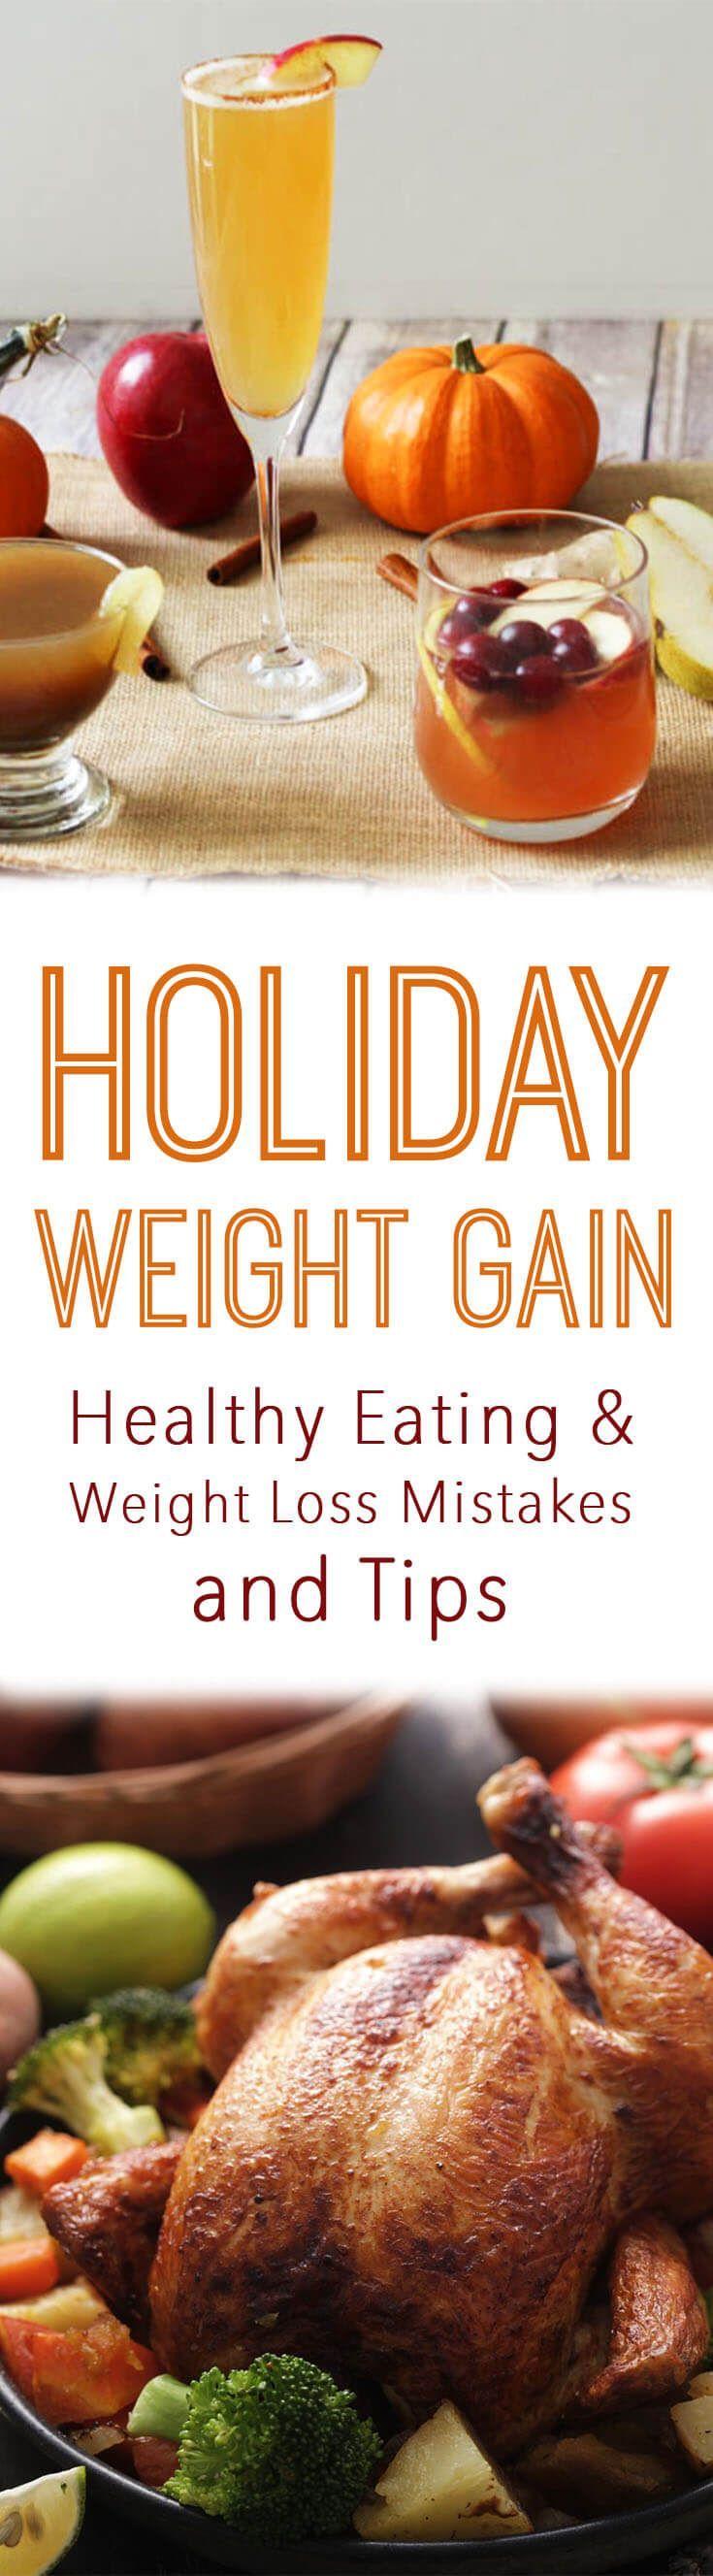 Lose weight in 4 weeks vegetarian photo 6